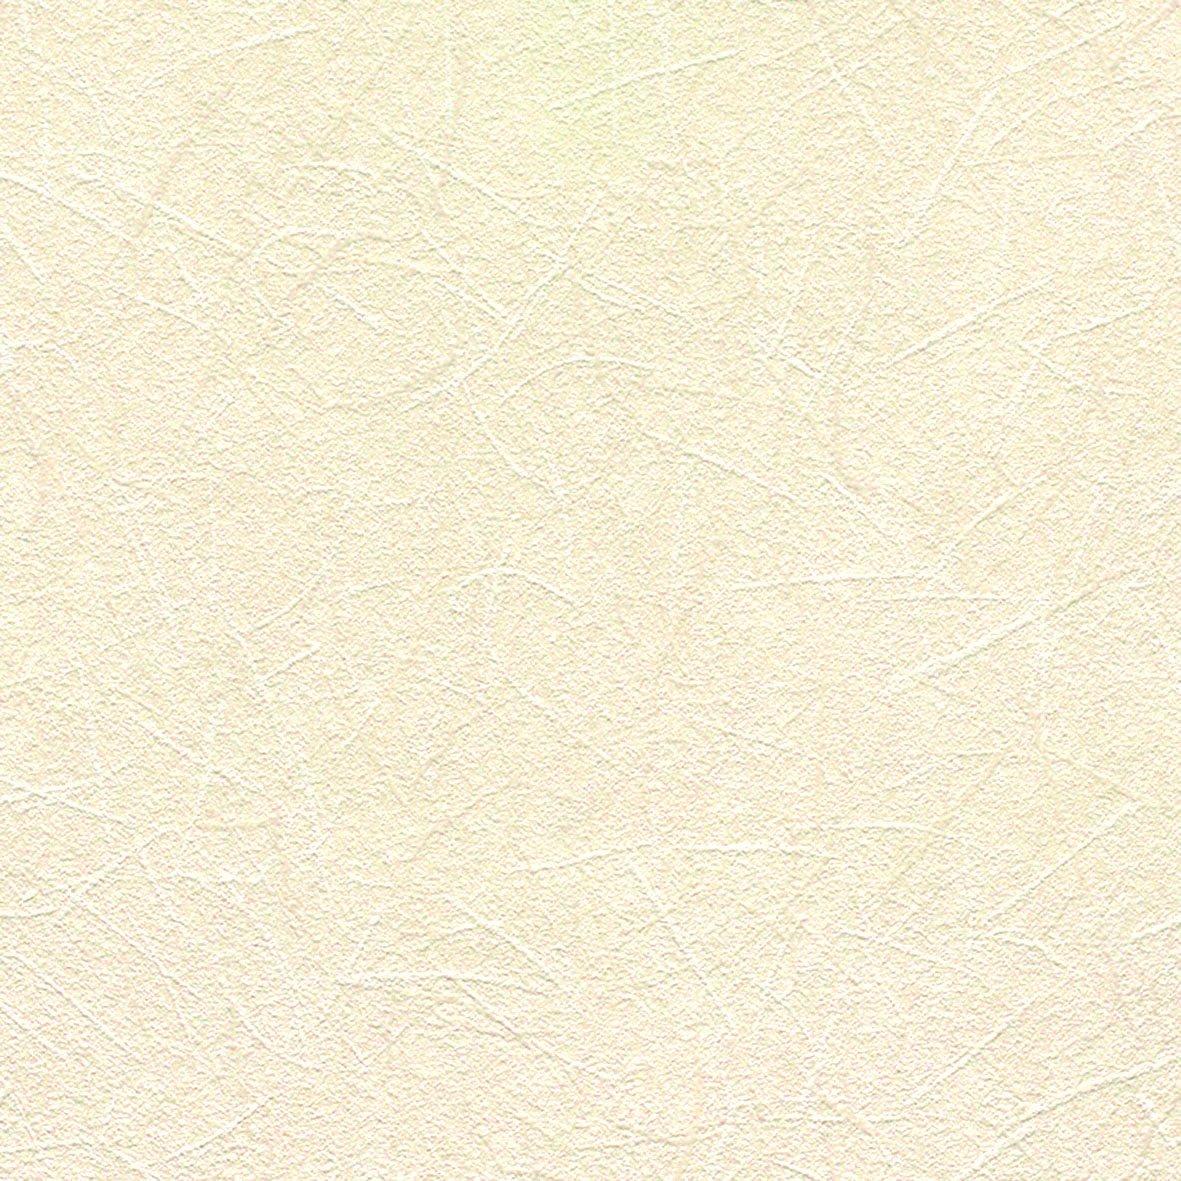 リリカラ 壁紙45m 和 石目調 ホワイト LL-8296 B01MTK33RH 45m|ホワイト